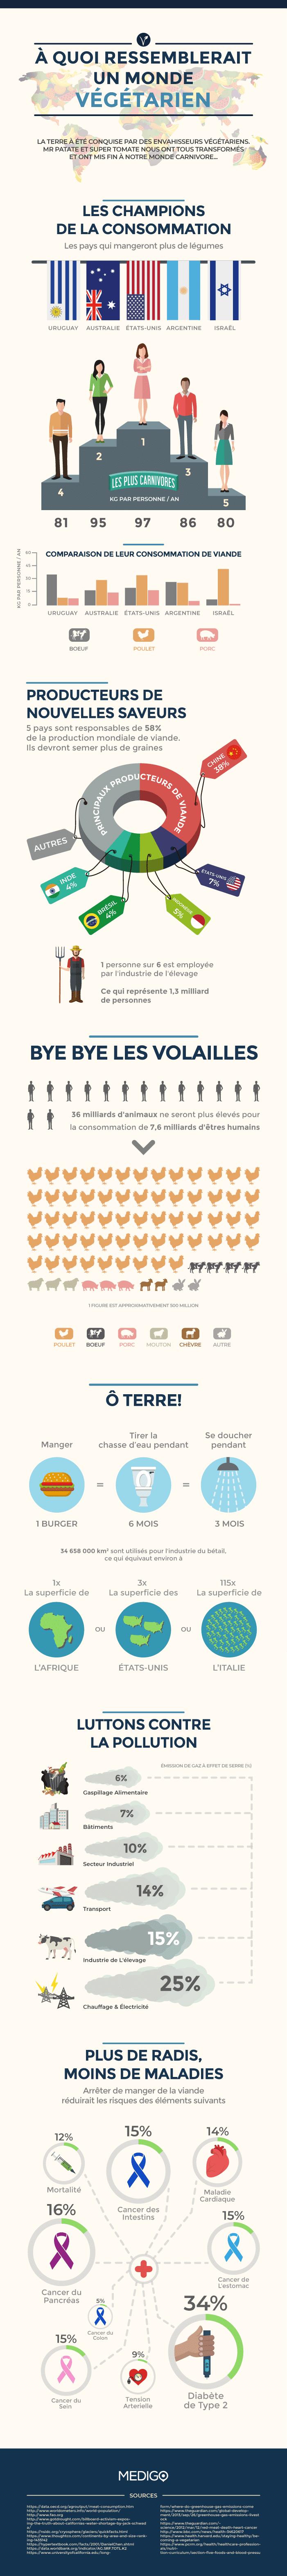 infographie monde végétarien